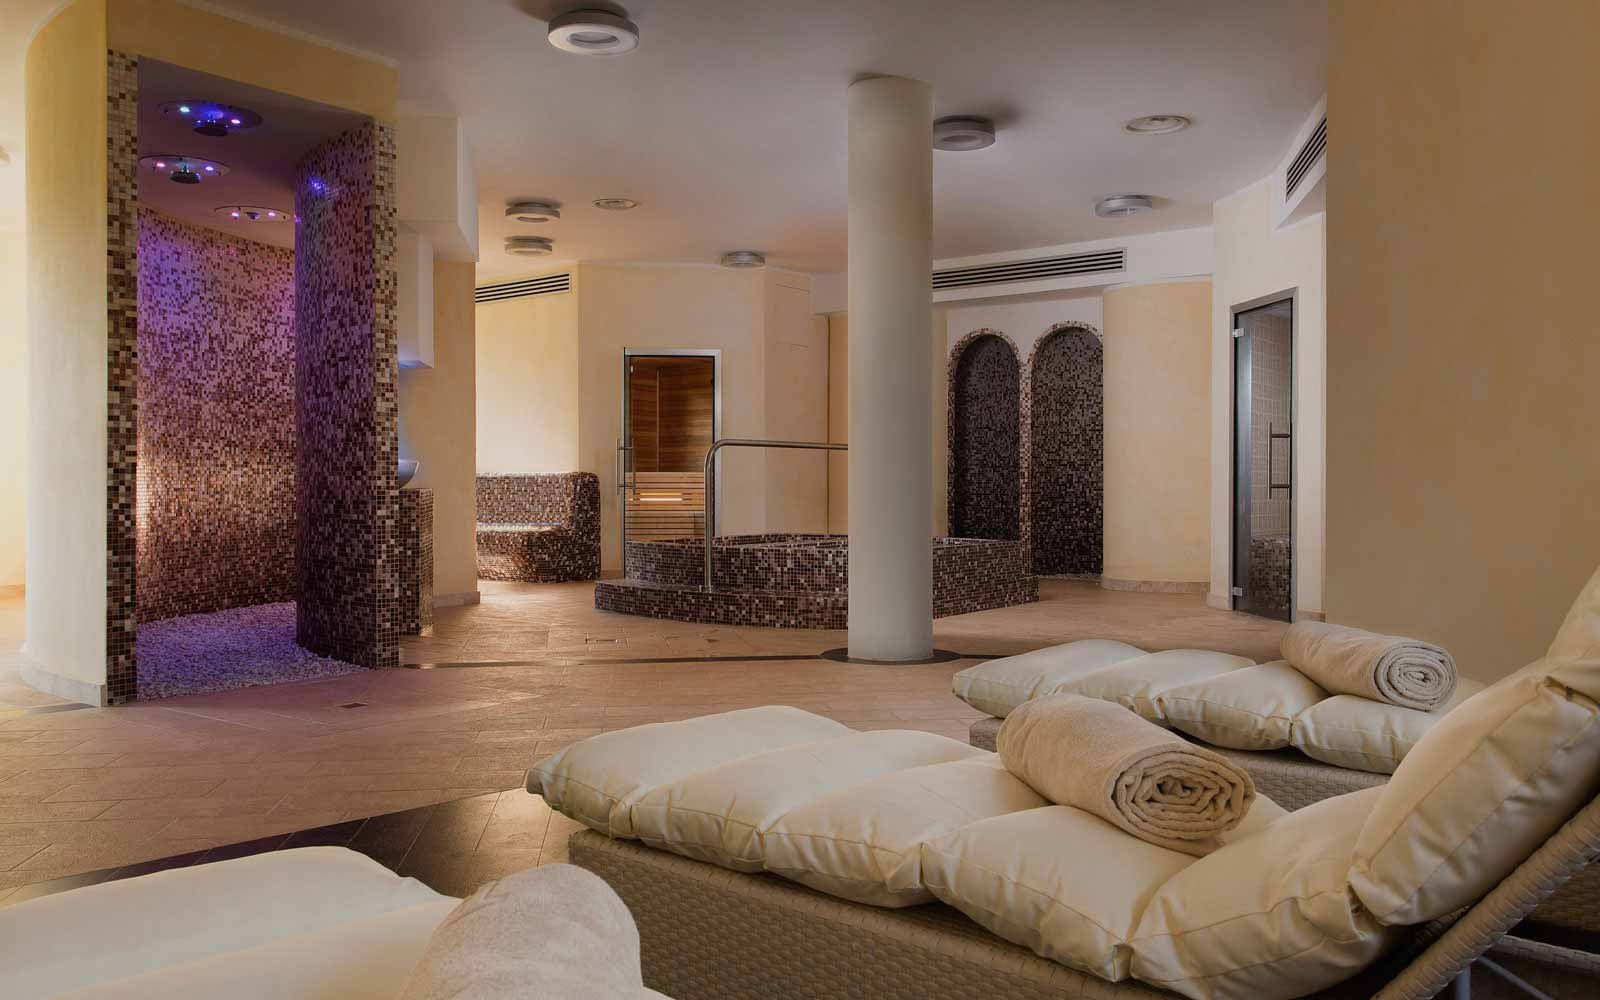 Spa relax area at Hotel La Rocca Resort & Spa